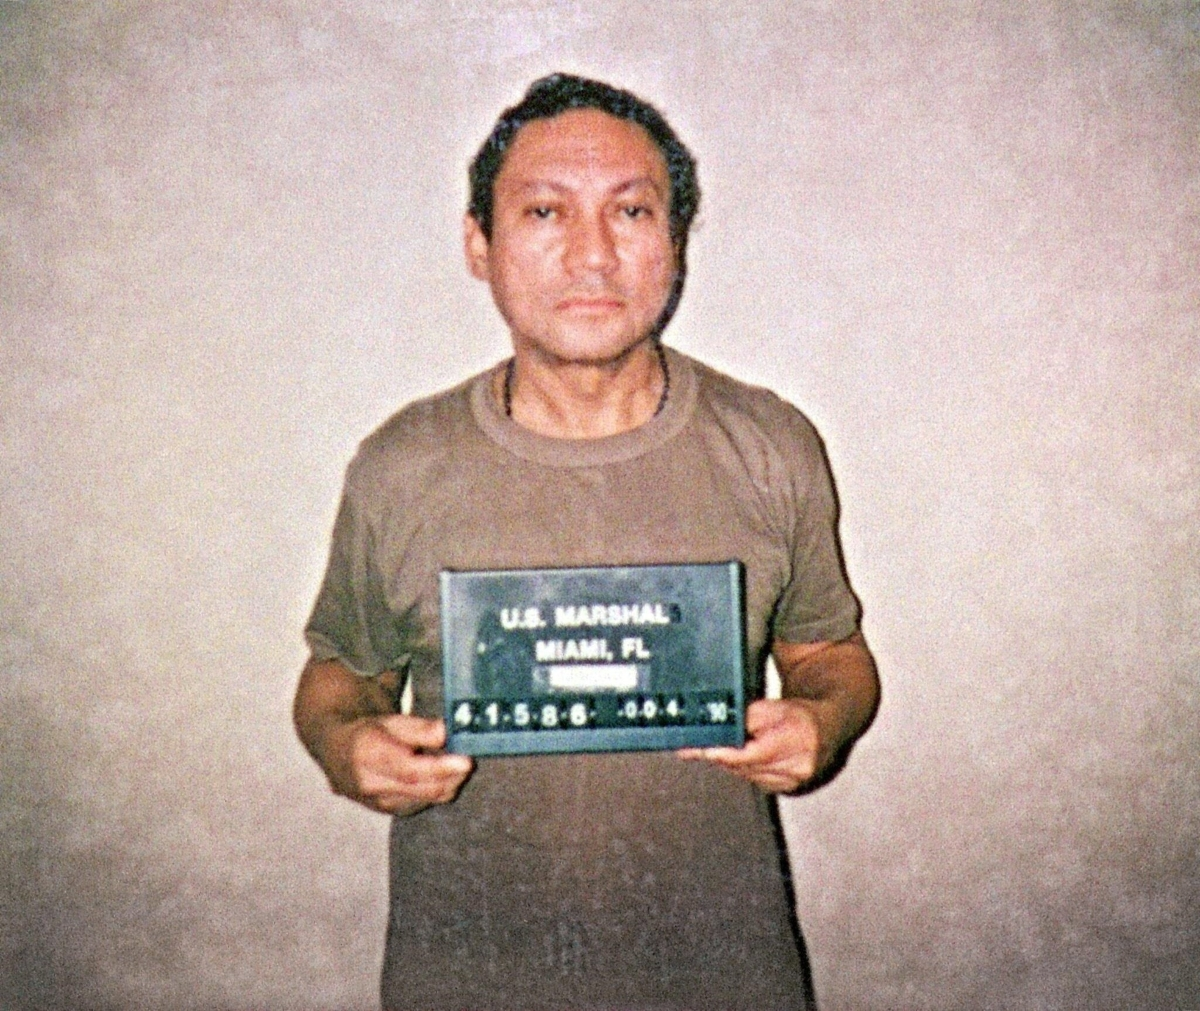 Той е разменял наркотици и оръжие с Никарагуа и след свалянето му от власт е осъден на 30 години затвор в Щатите. Екстрадиран е през 2011 година в родината си, където да долежи присъдата си.